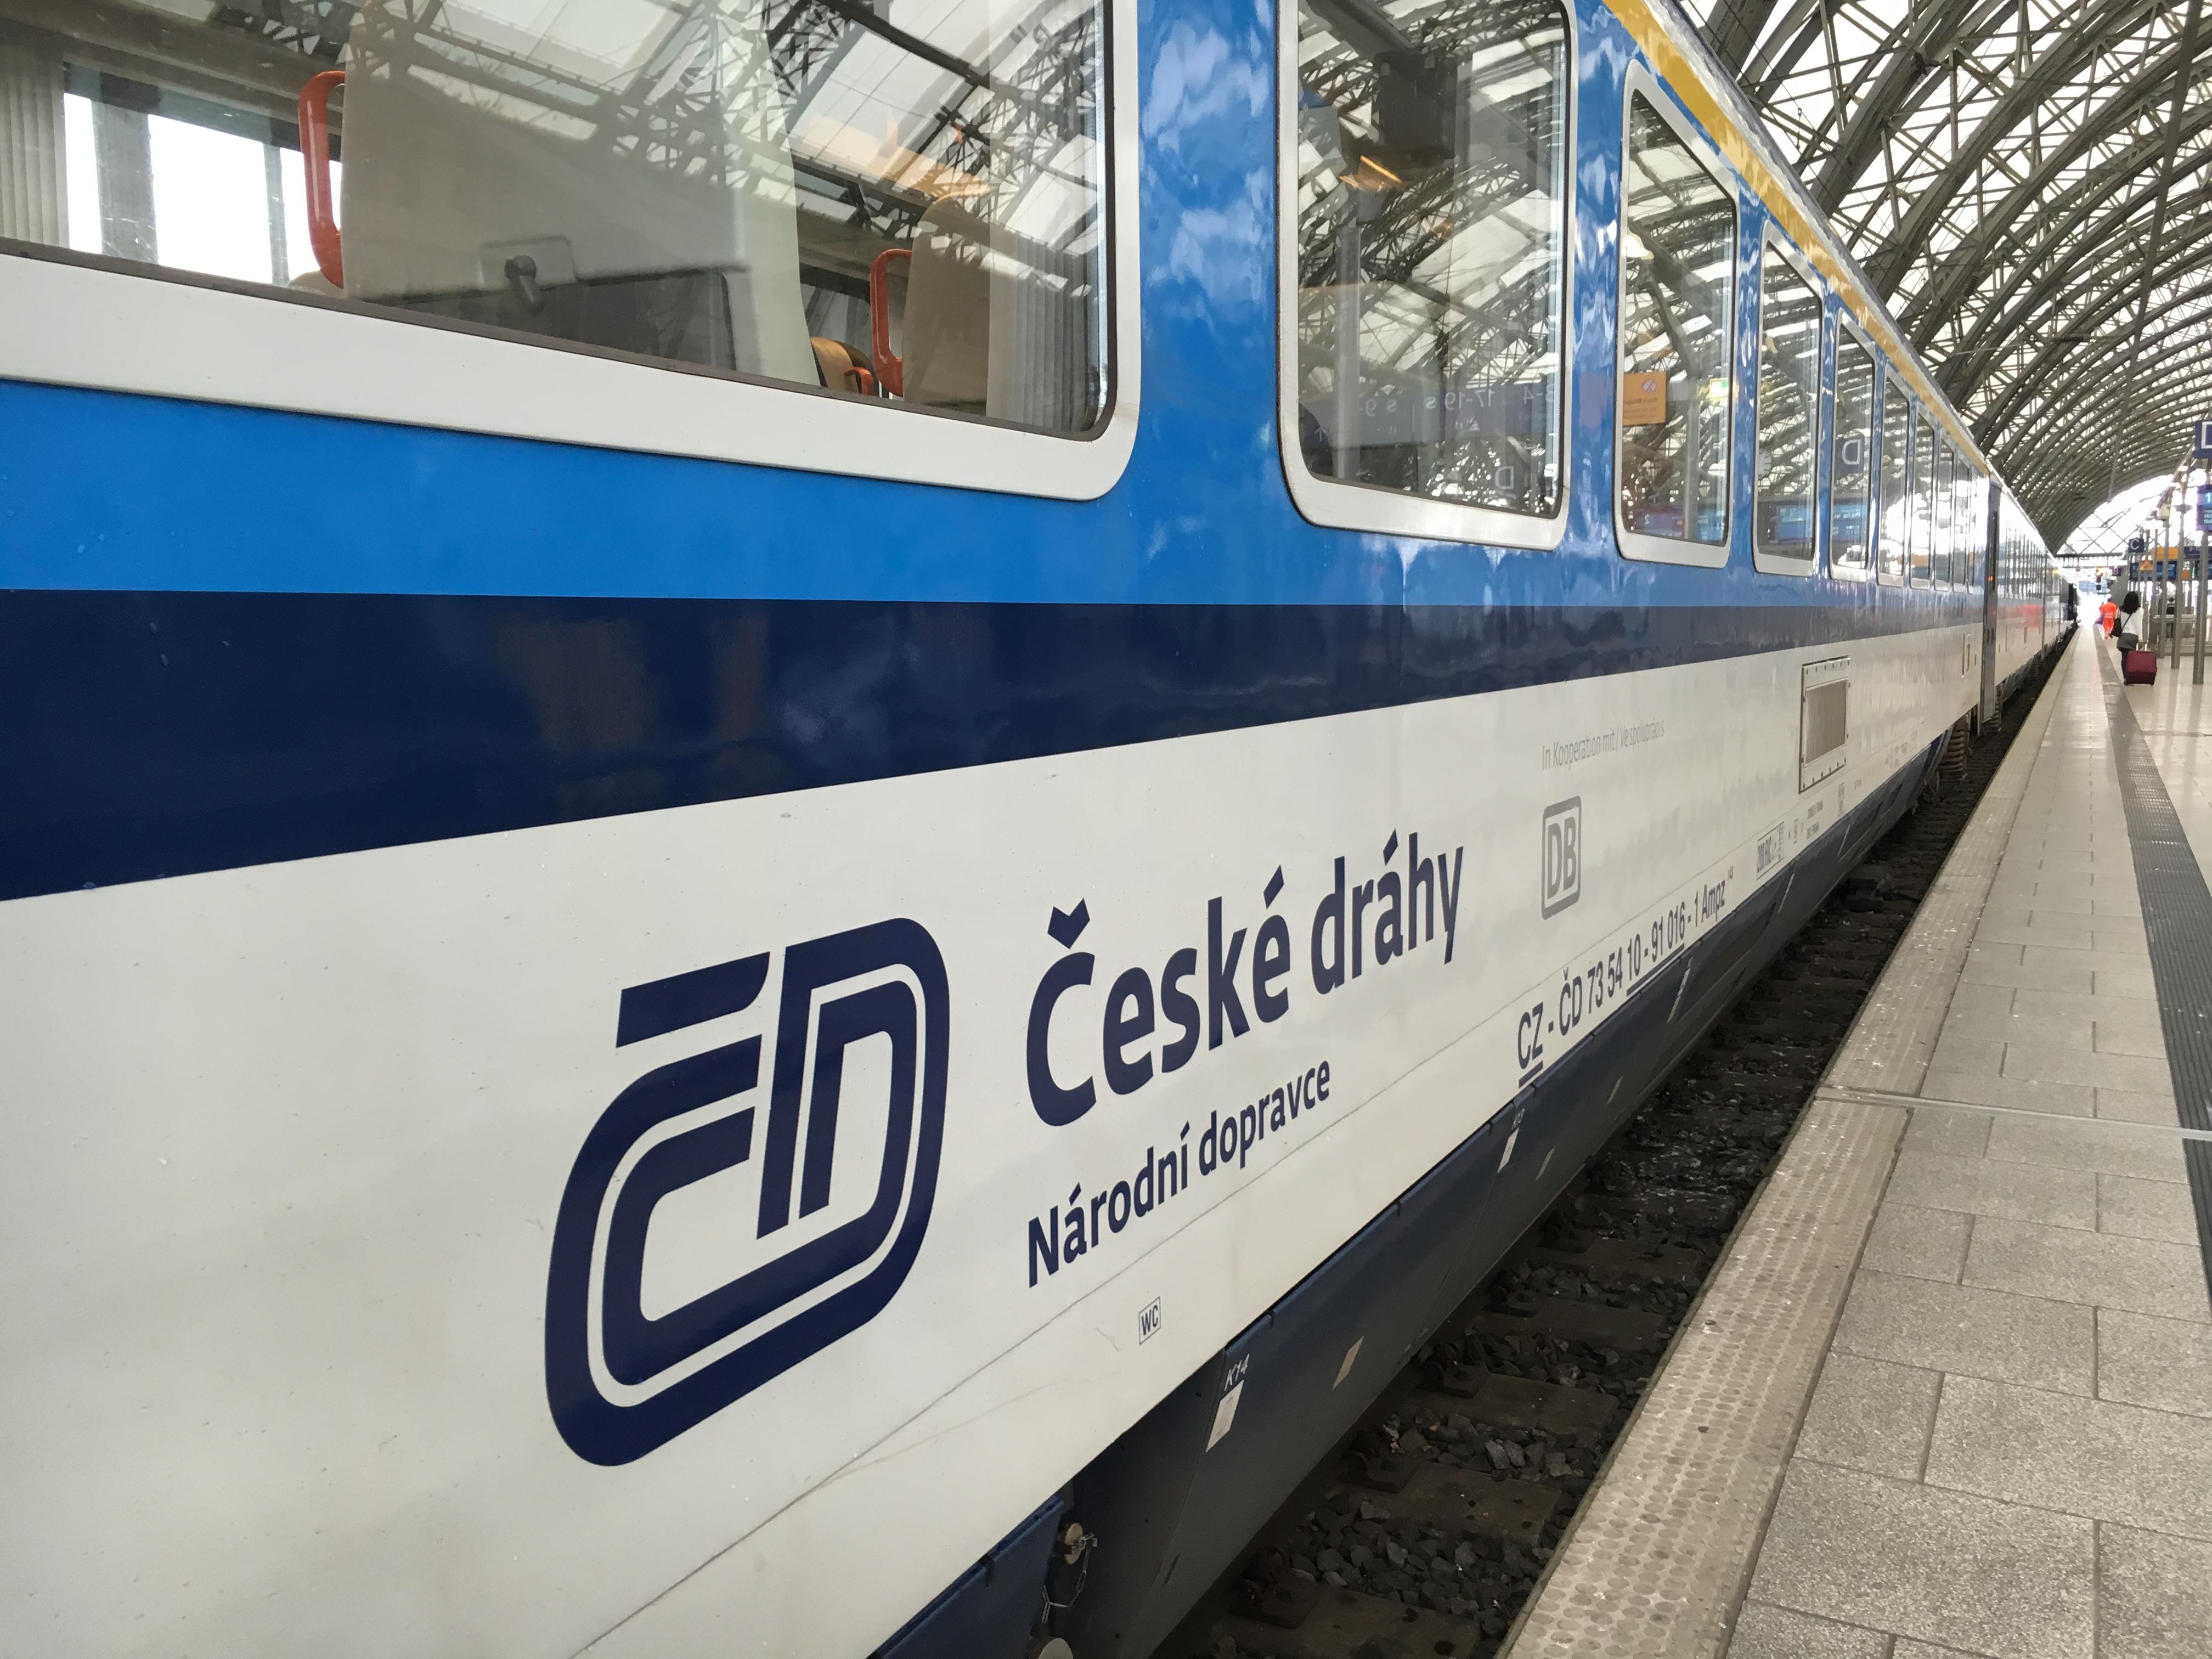 Bahnpass für Tschechien ab 30€ für 1 Woche!